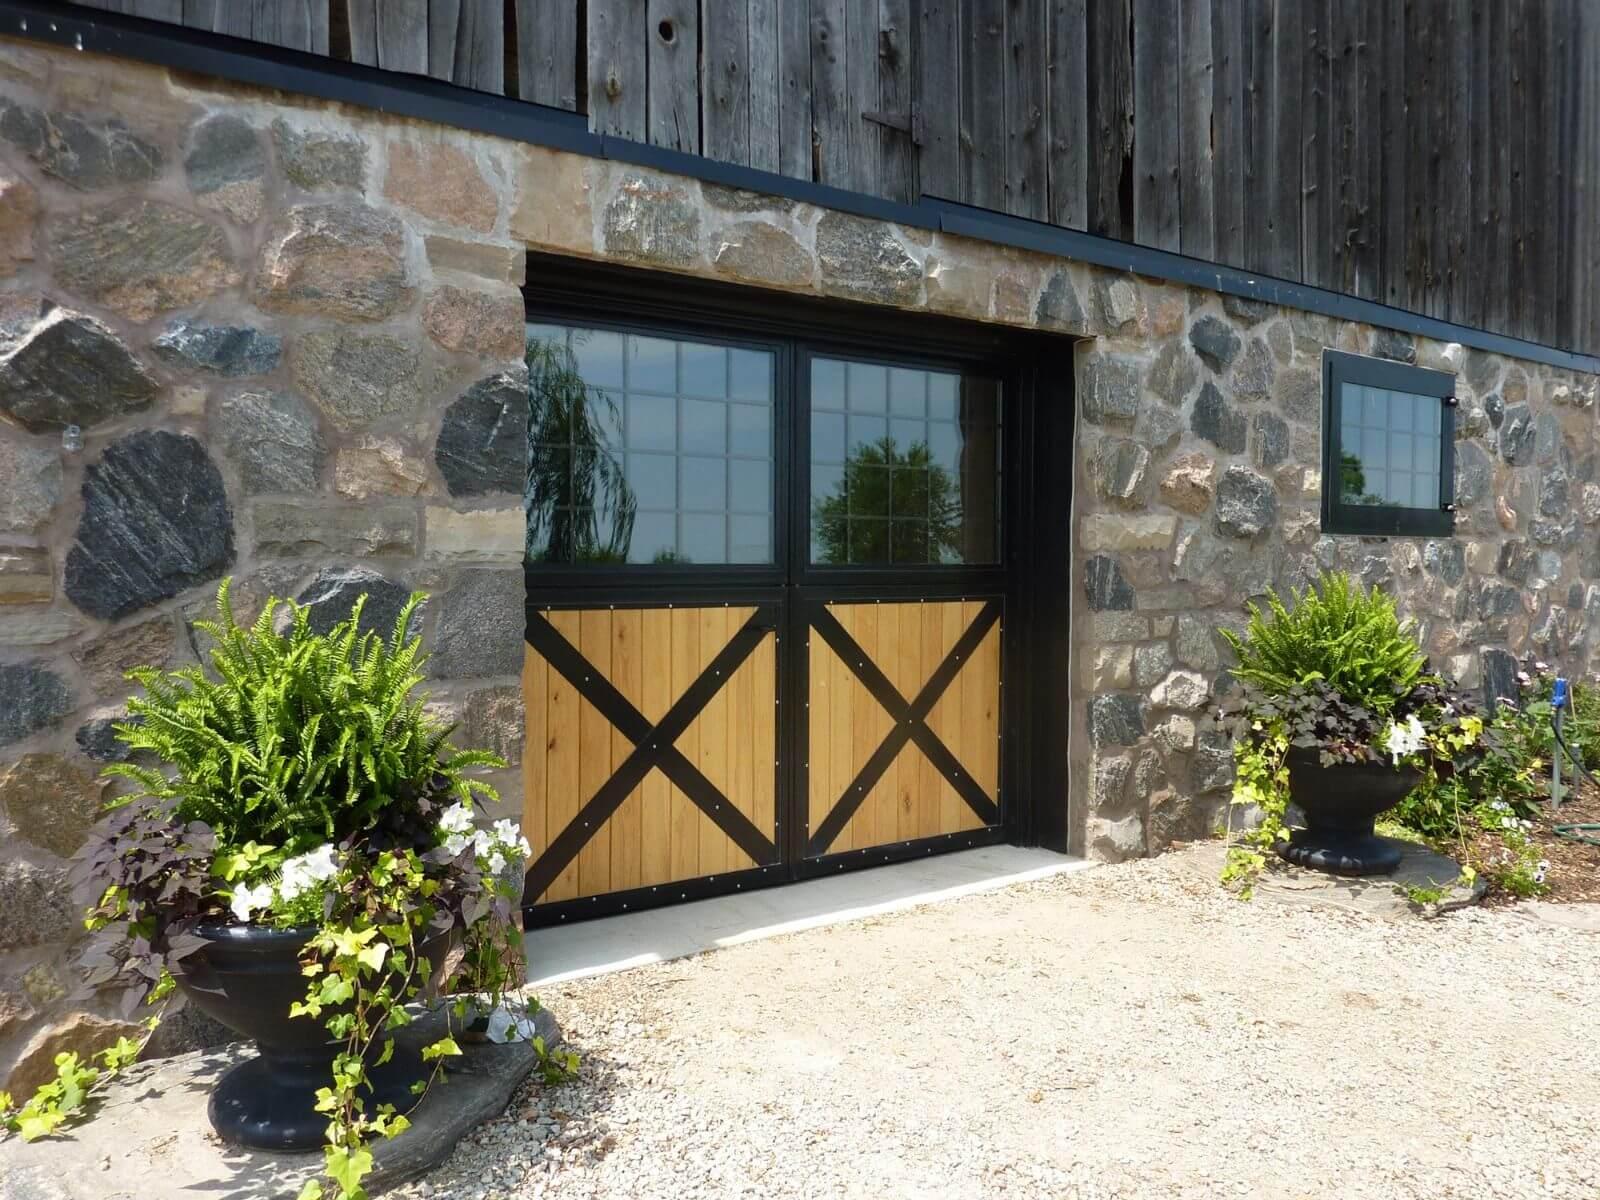 double-dutch-door-black-wood-window